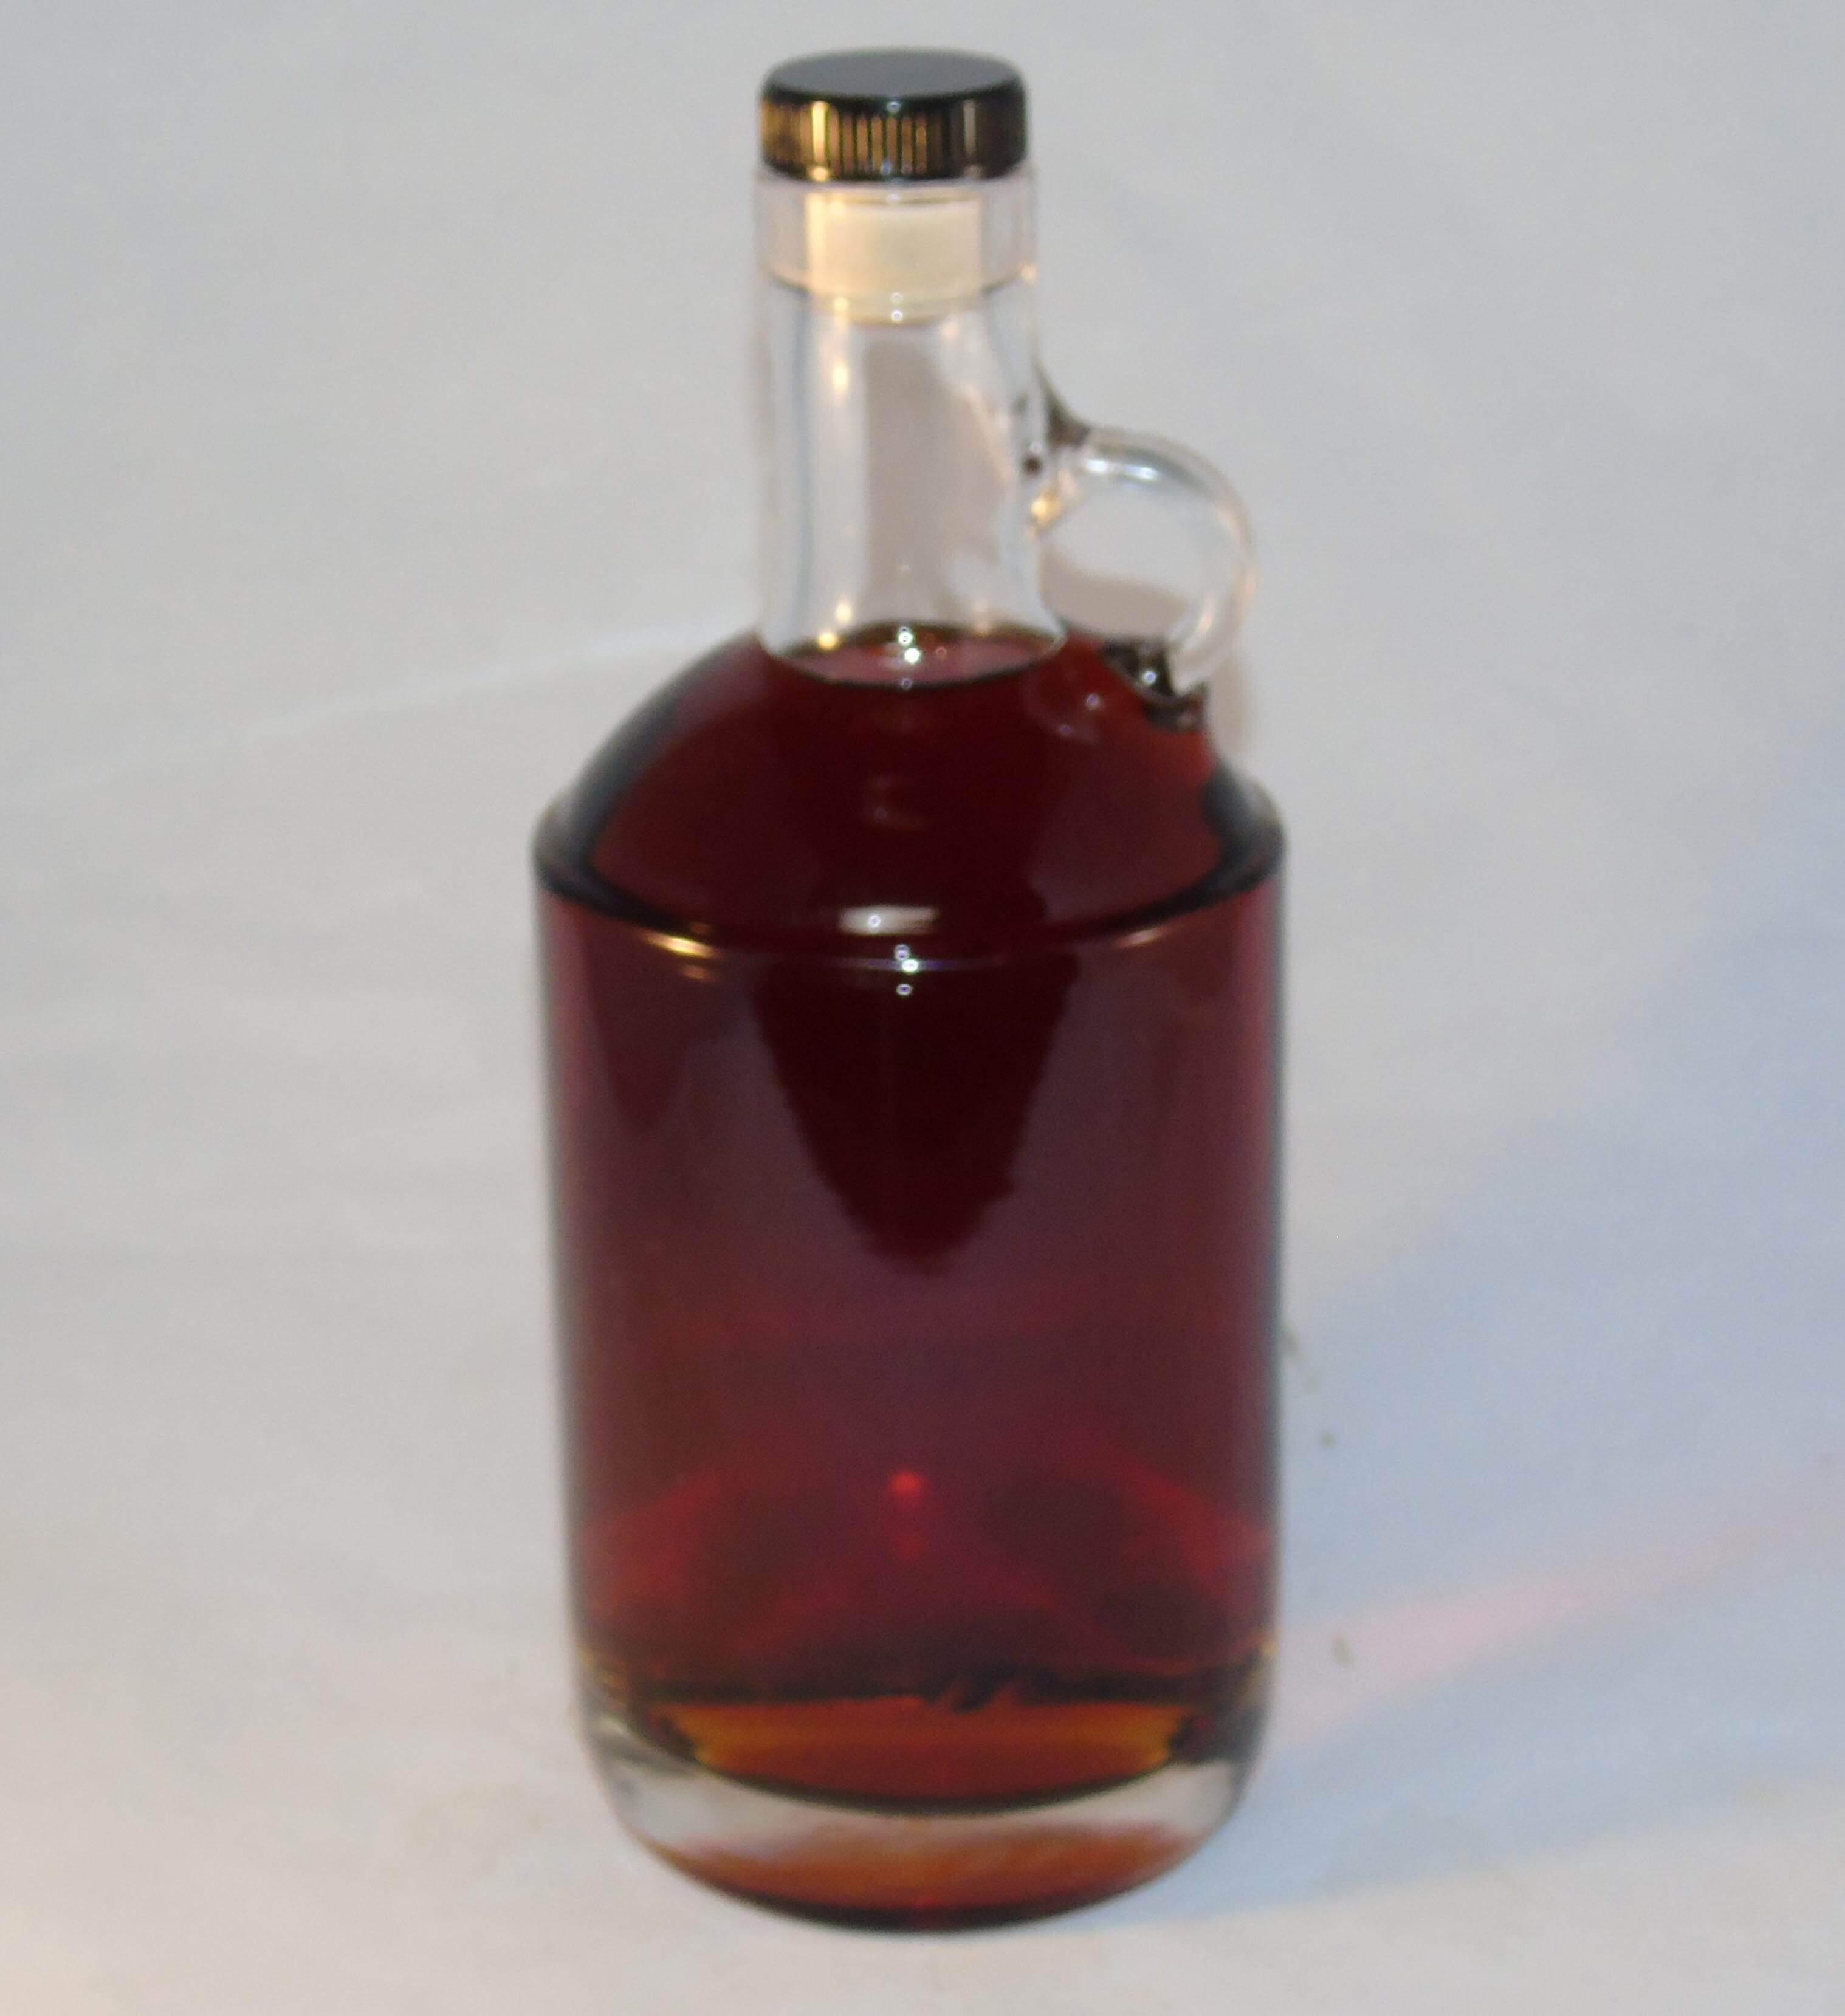 moonshine jug in bottle - photo #49